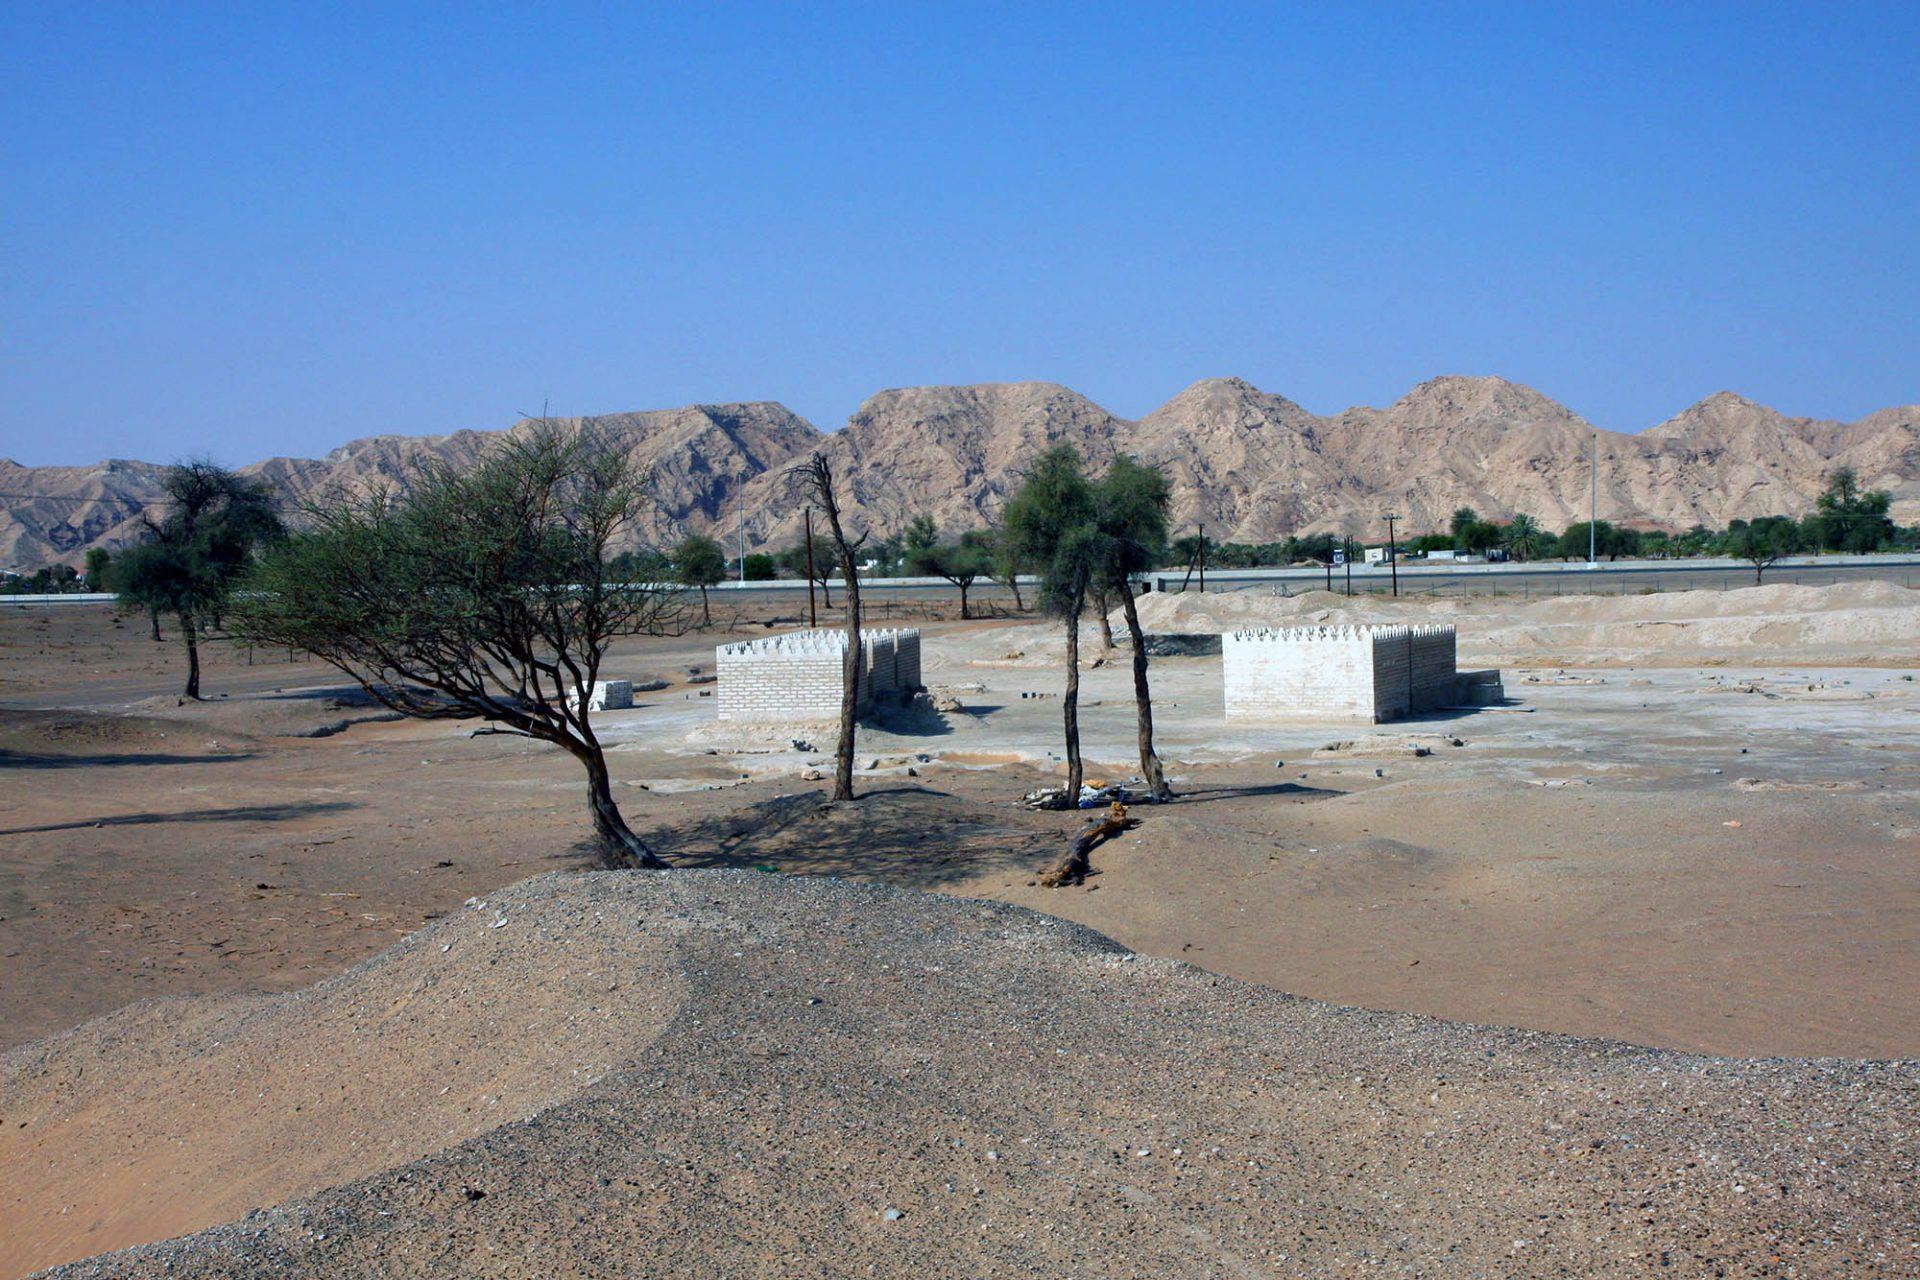 Mleiha. Am Fuße des Jebel Faya befinden sich viele archäologische Stätten, darunter ein Fort, mehrere Grabkammern und weitere Siedlungs- und Bestattungsanlagen.